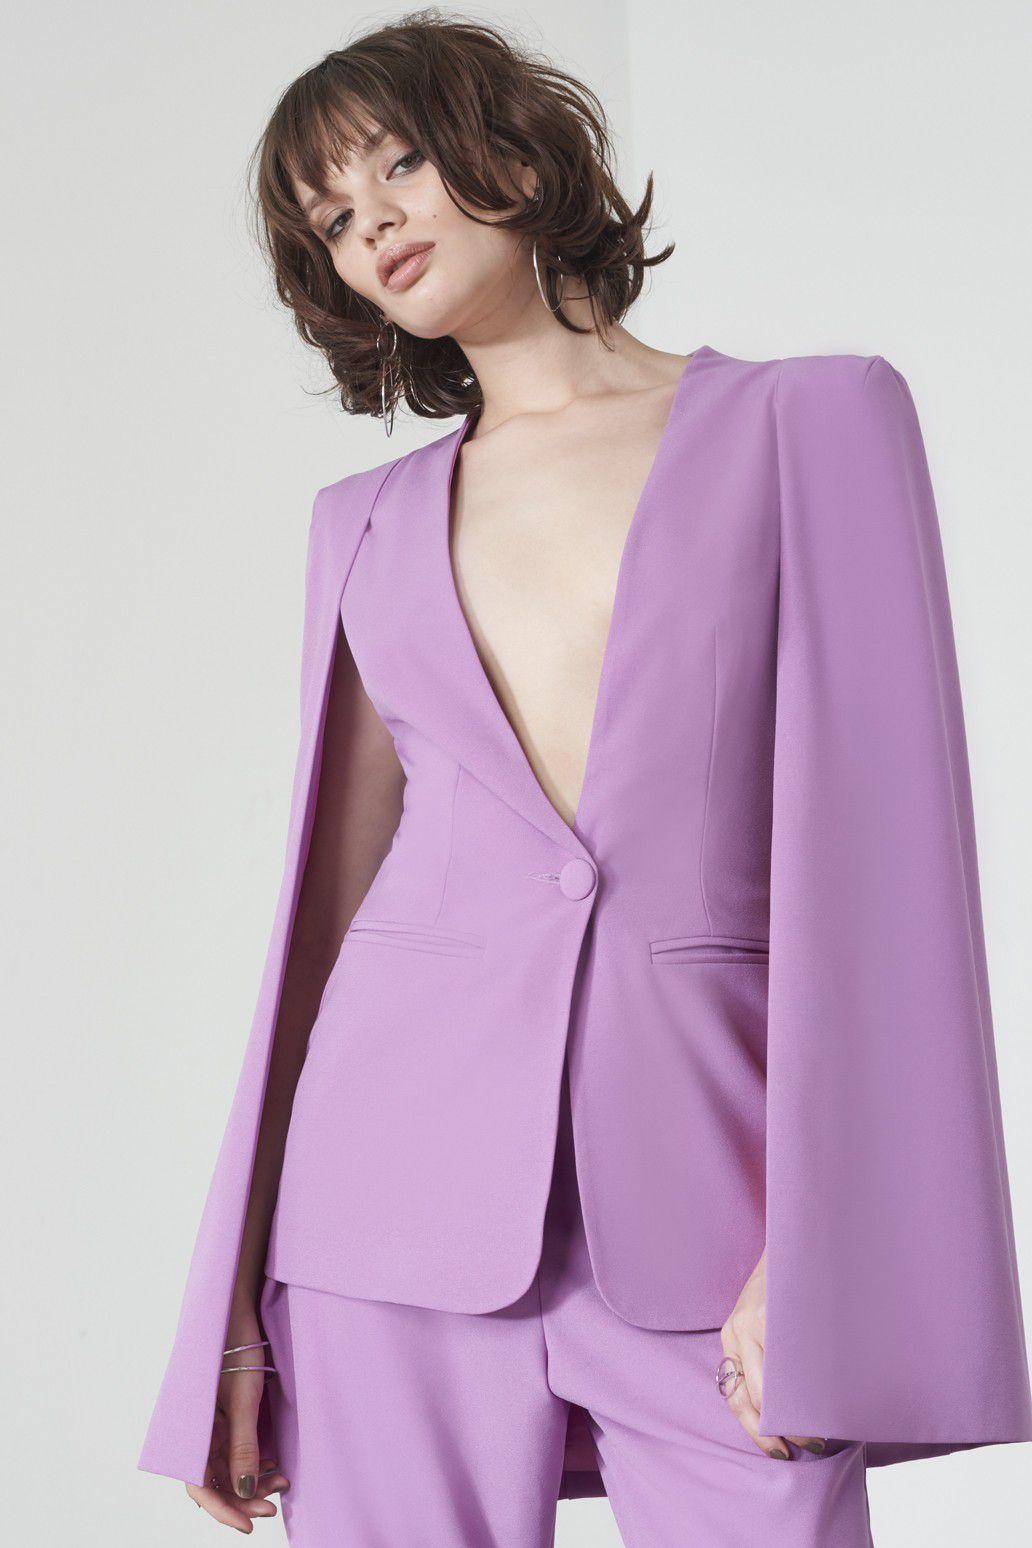 Lavish Alice Caped Blazer in Violet, $101.24